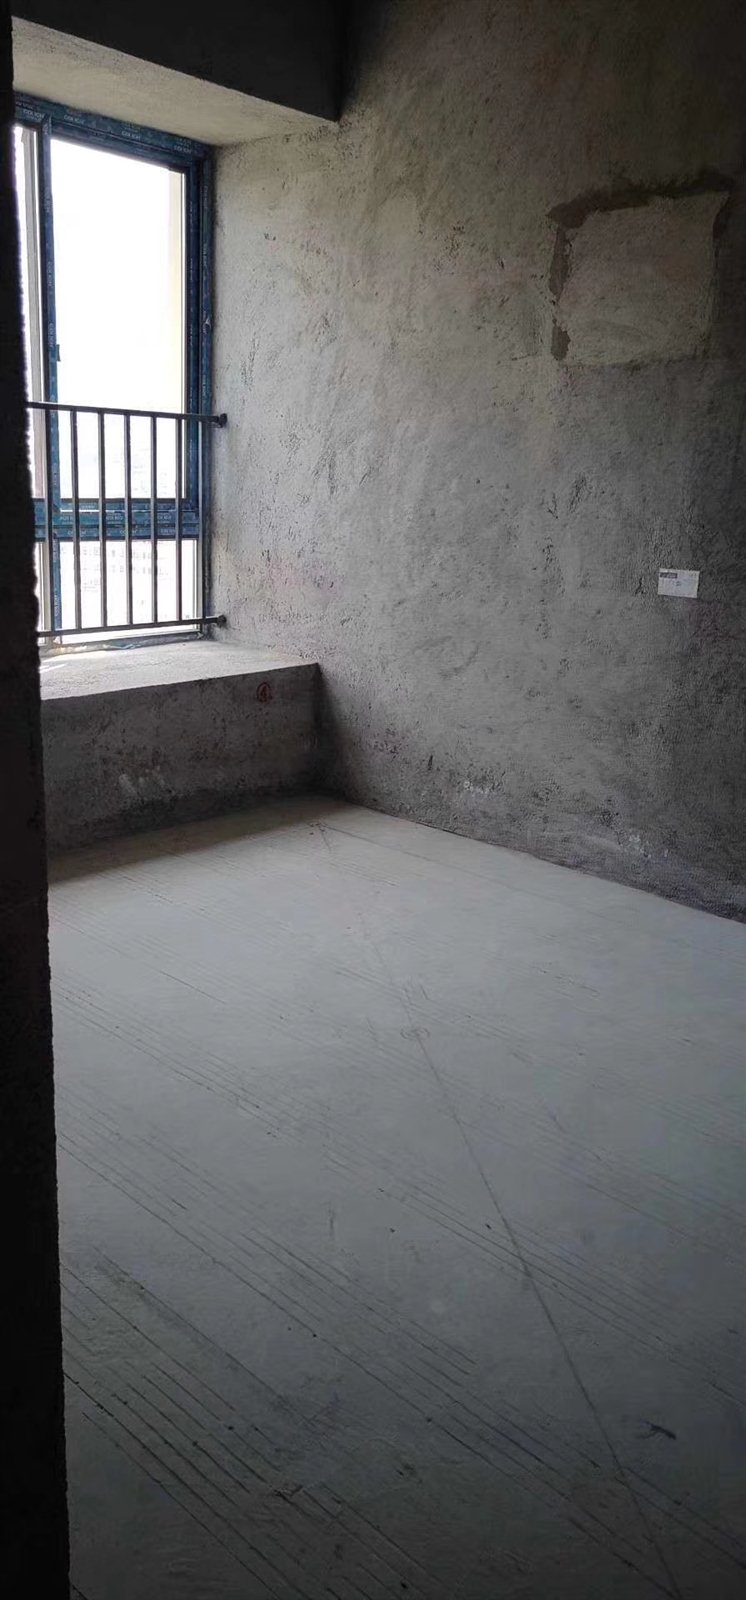 国维·中央府邸4室 2厅 2卫73.8万元